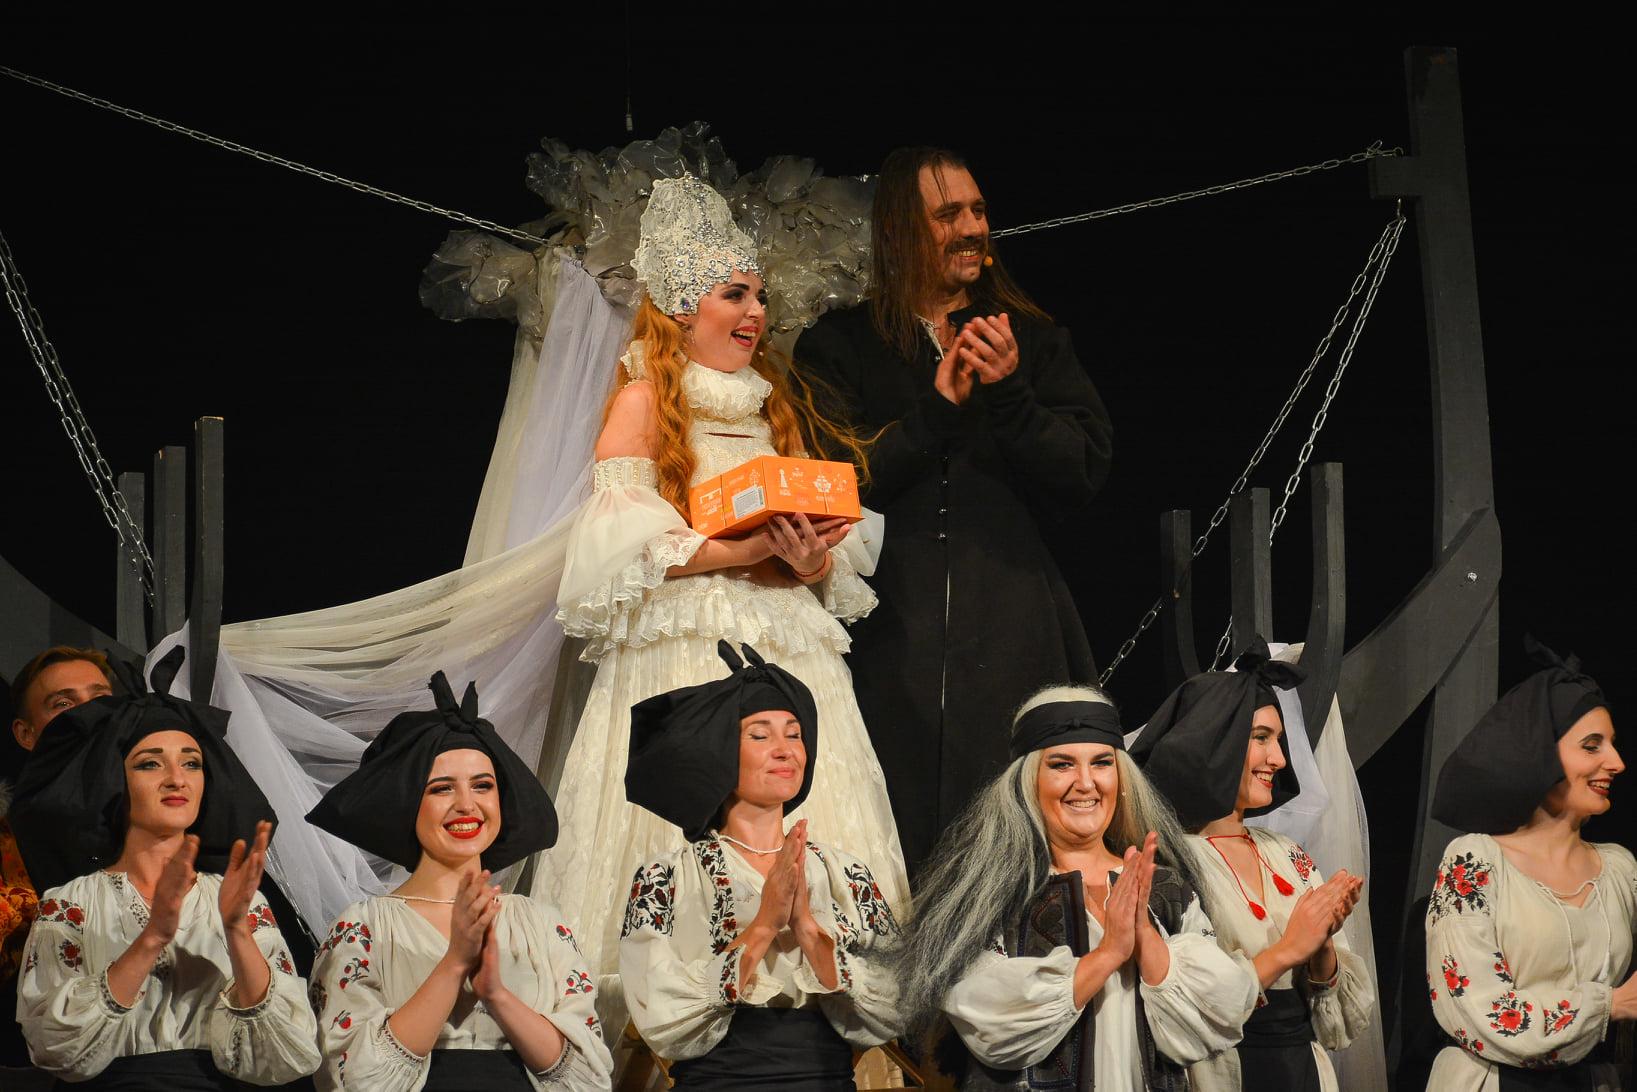 Рок-опера «Кохання панночки» - перлина фестивалю HOMO LUDENS